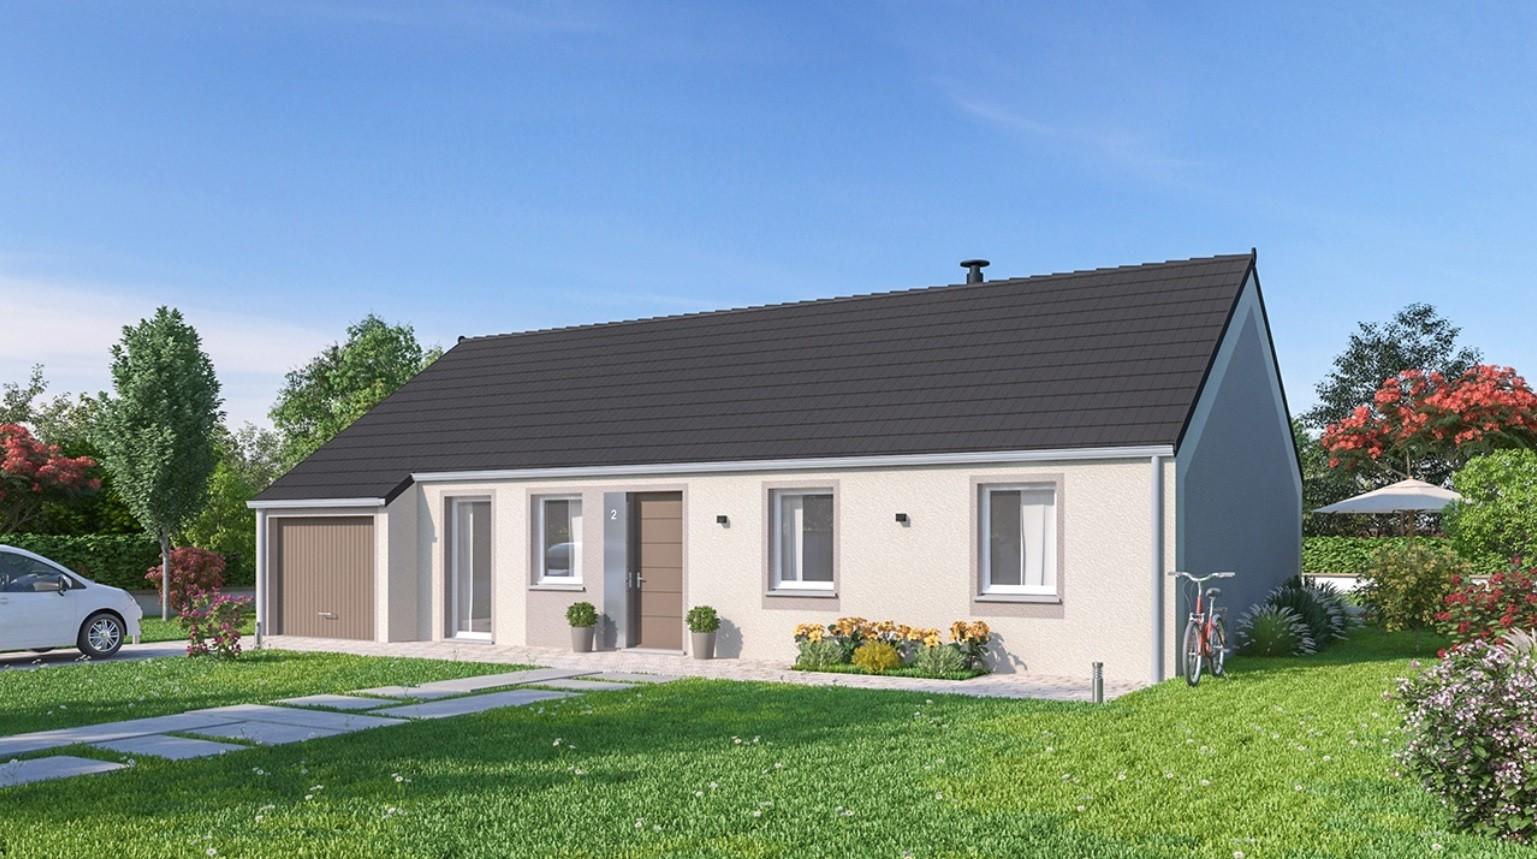 Maisons + Terrains du constructeur MAISONS PHENIX • 102 m² • ATTON